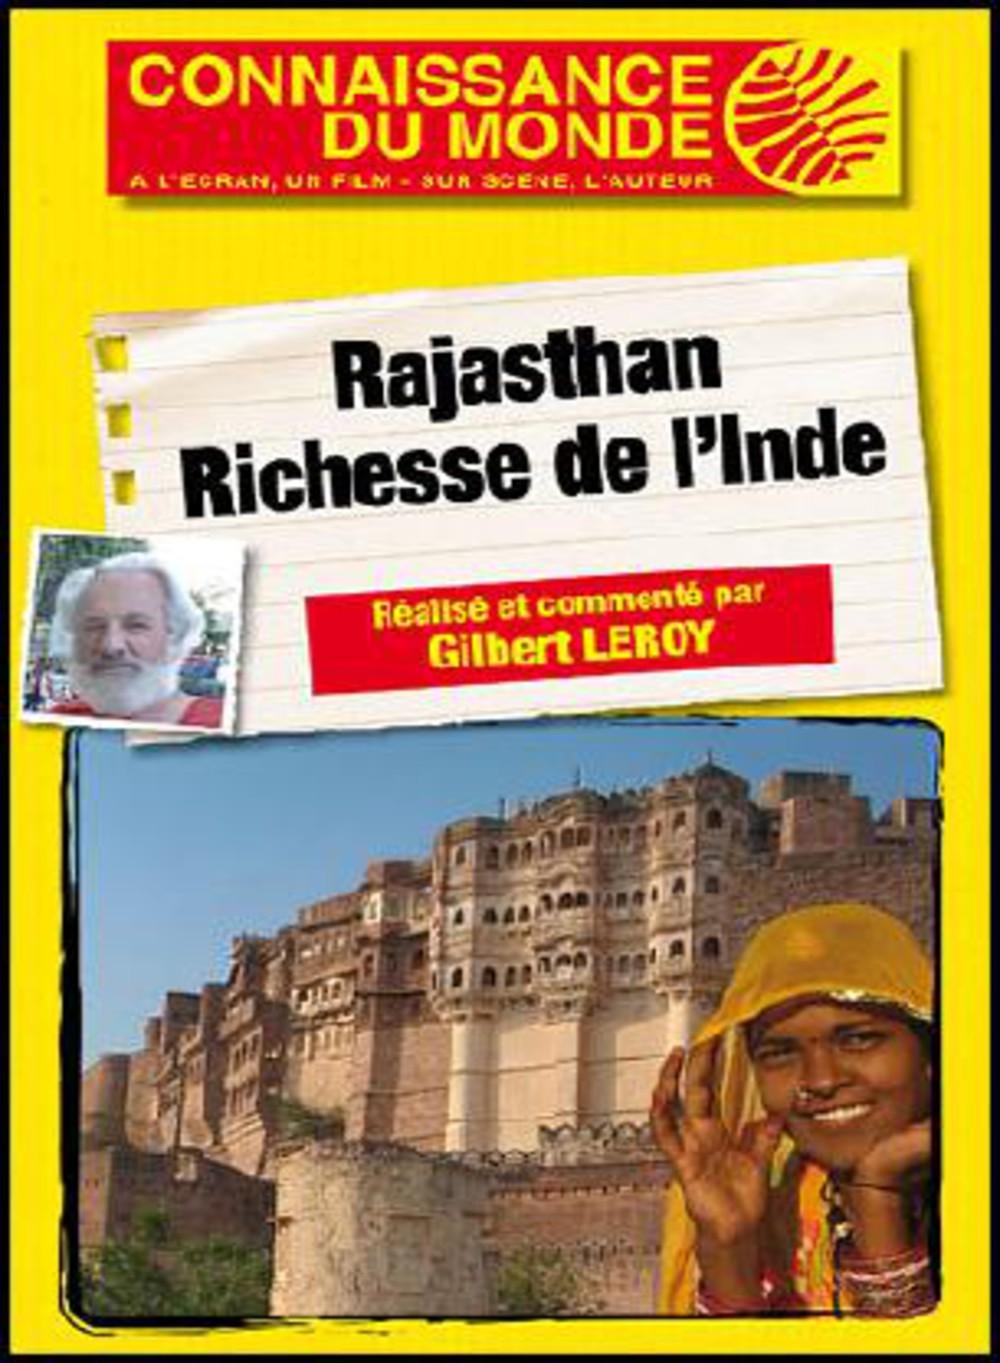 rajasthan_richesse_de_l_inde